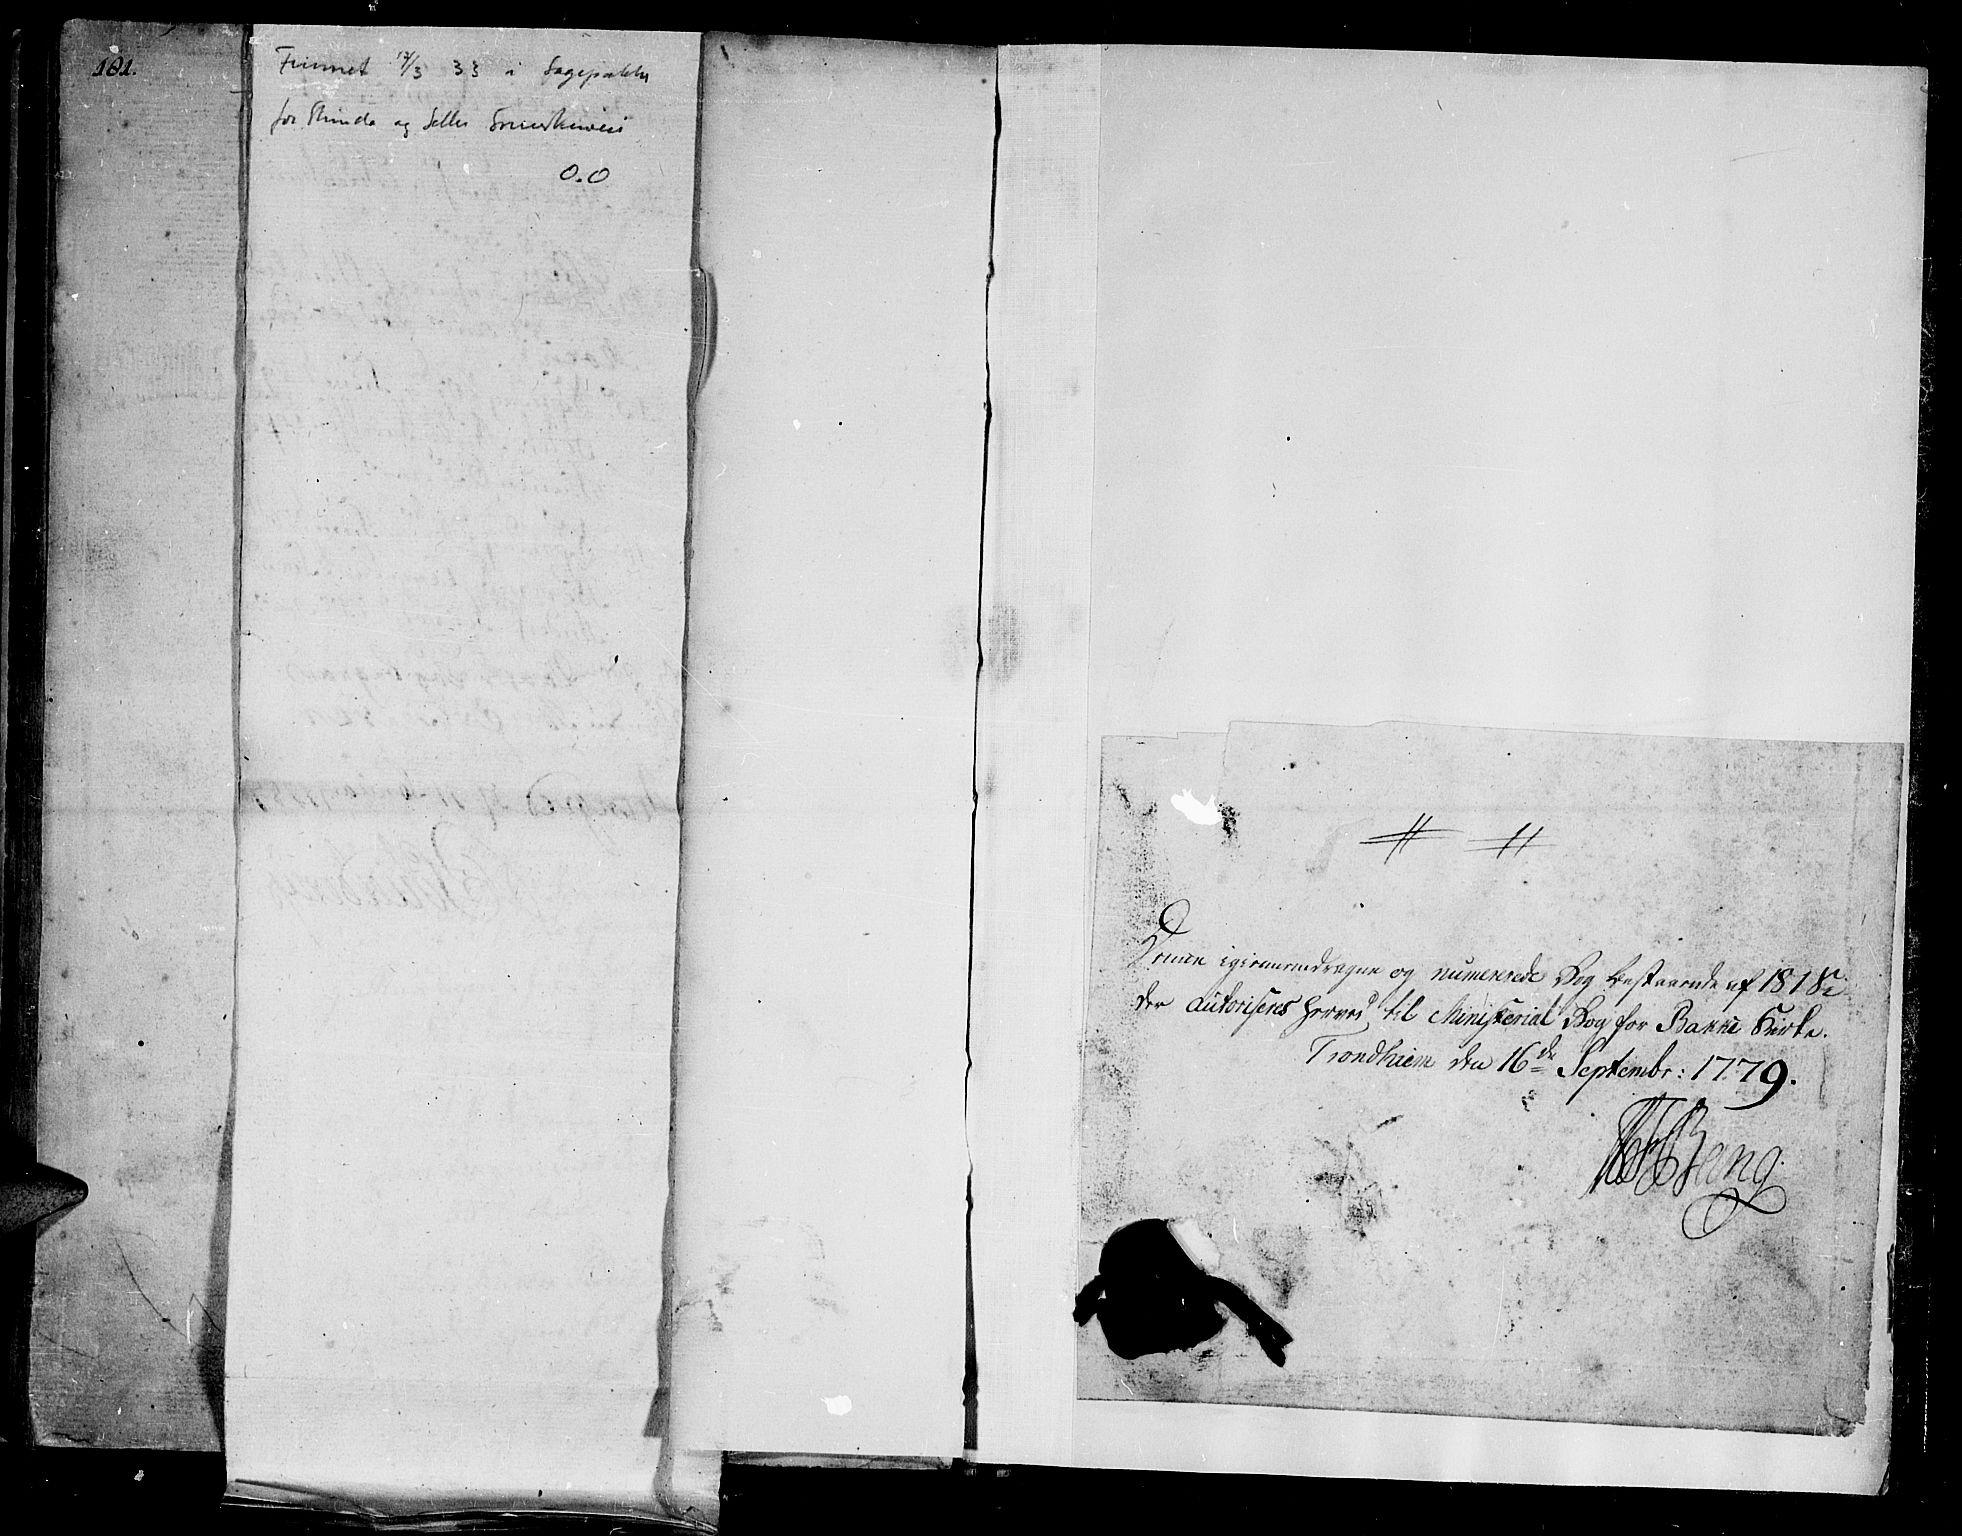 SAT, Ministerialprotokoller, klokkerbøker og fødselsregistre - Sør-Trøndelag, 604/L0180: Ministerialbok nr. 604A01, 1780-1797